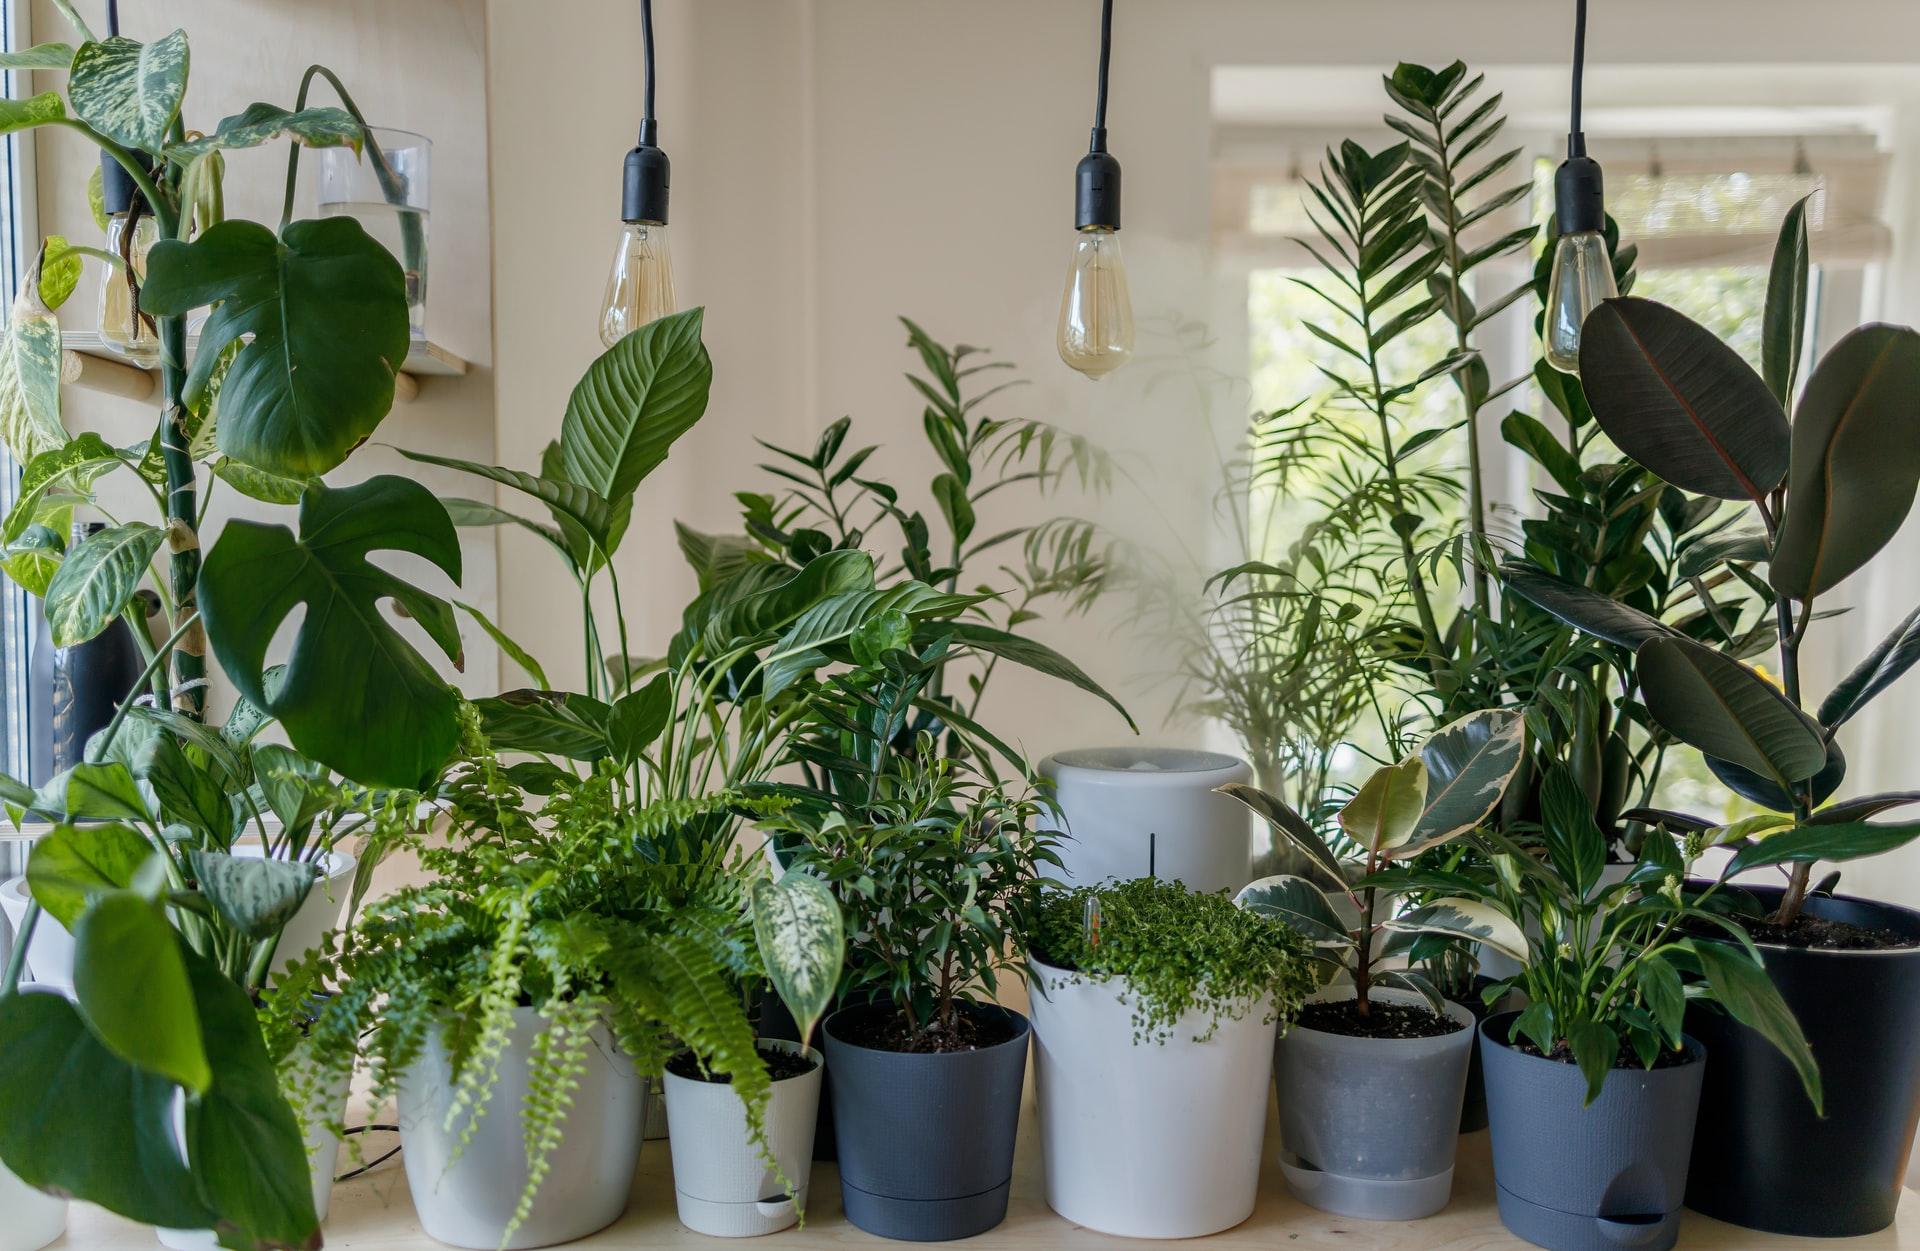 piante-da-interno:-quali-scegliere-e-dove-posizionarle-in-base-alla-luce